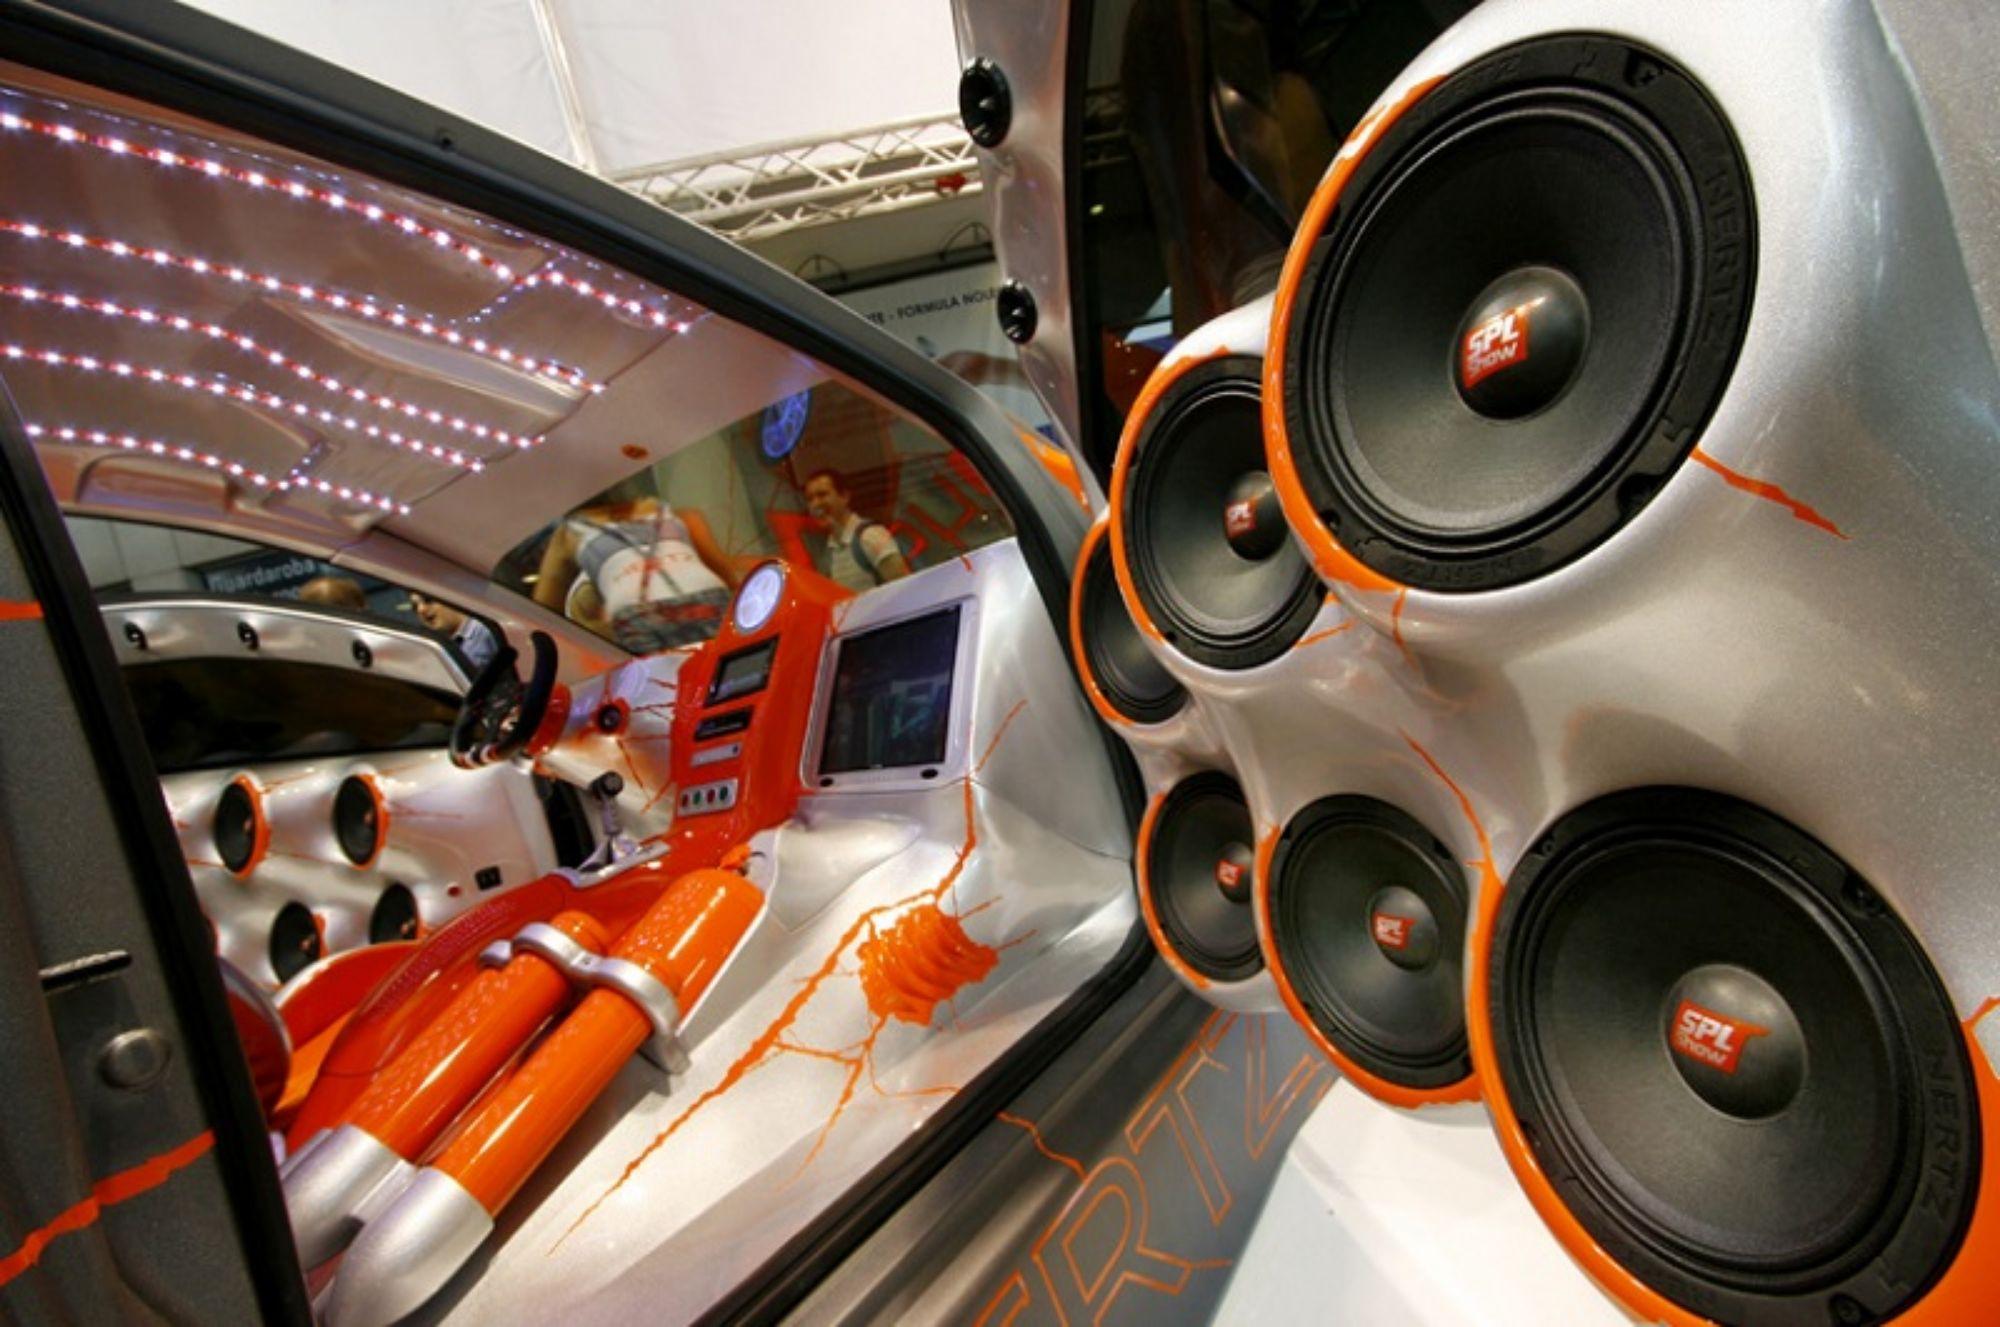 испечь фото машины с музыкой печатает без остановки